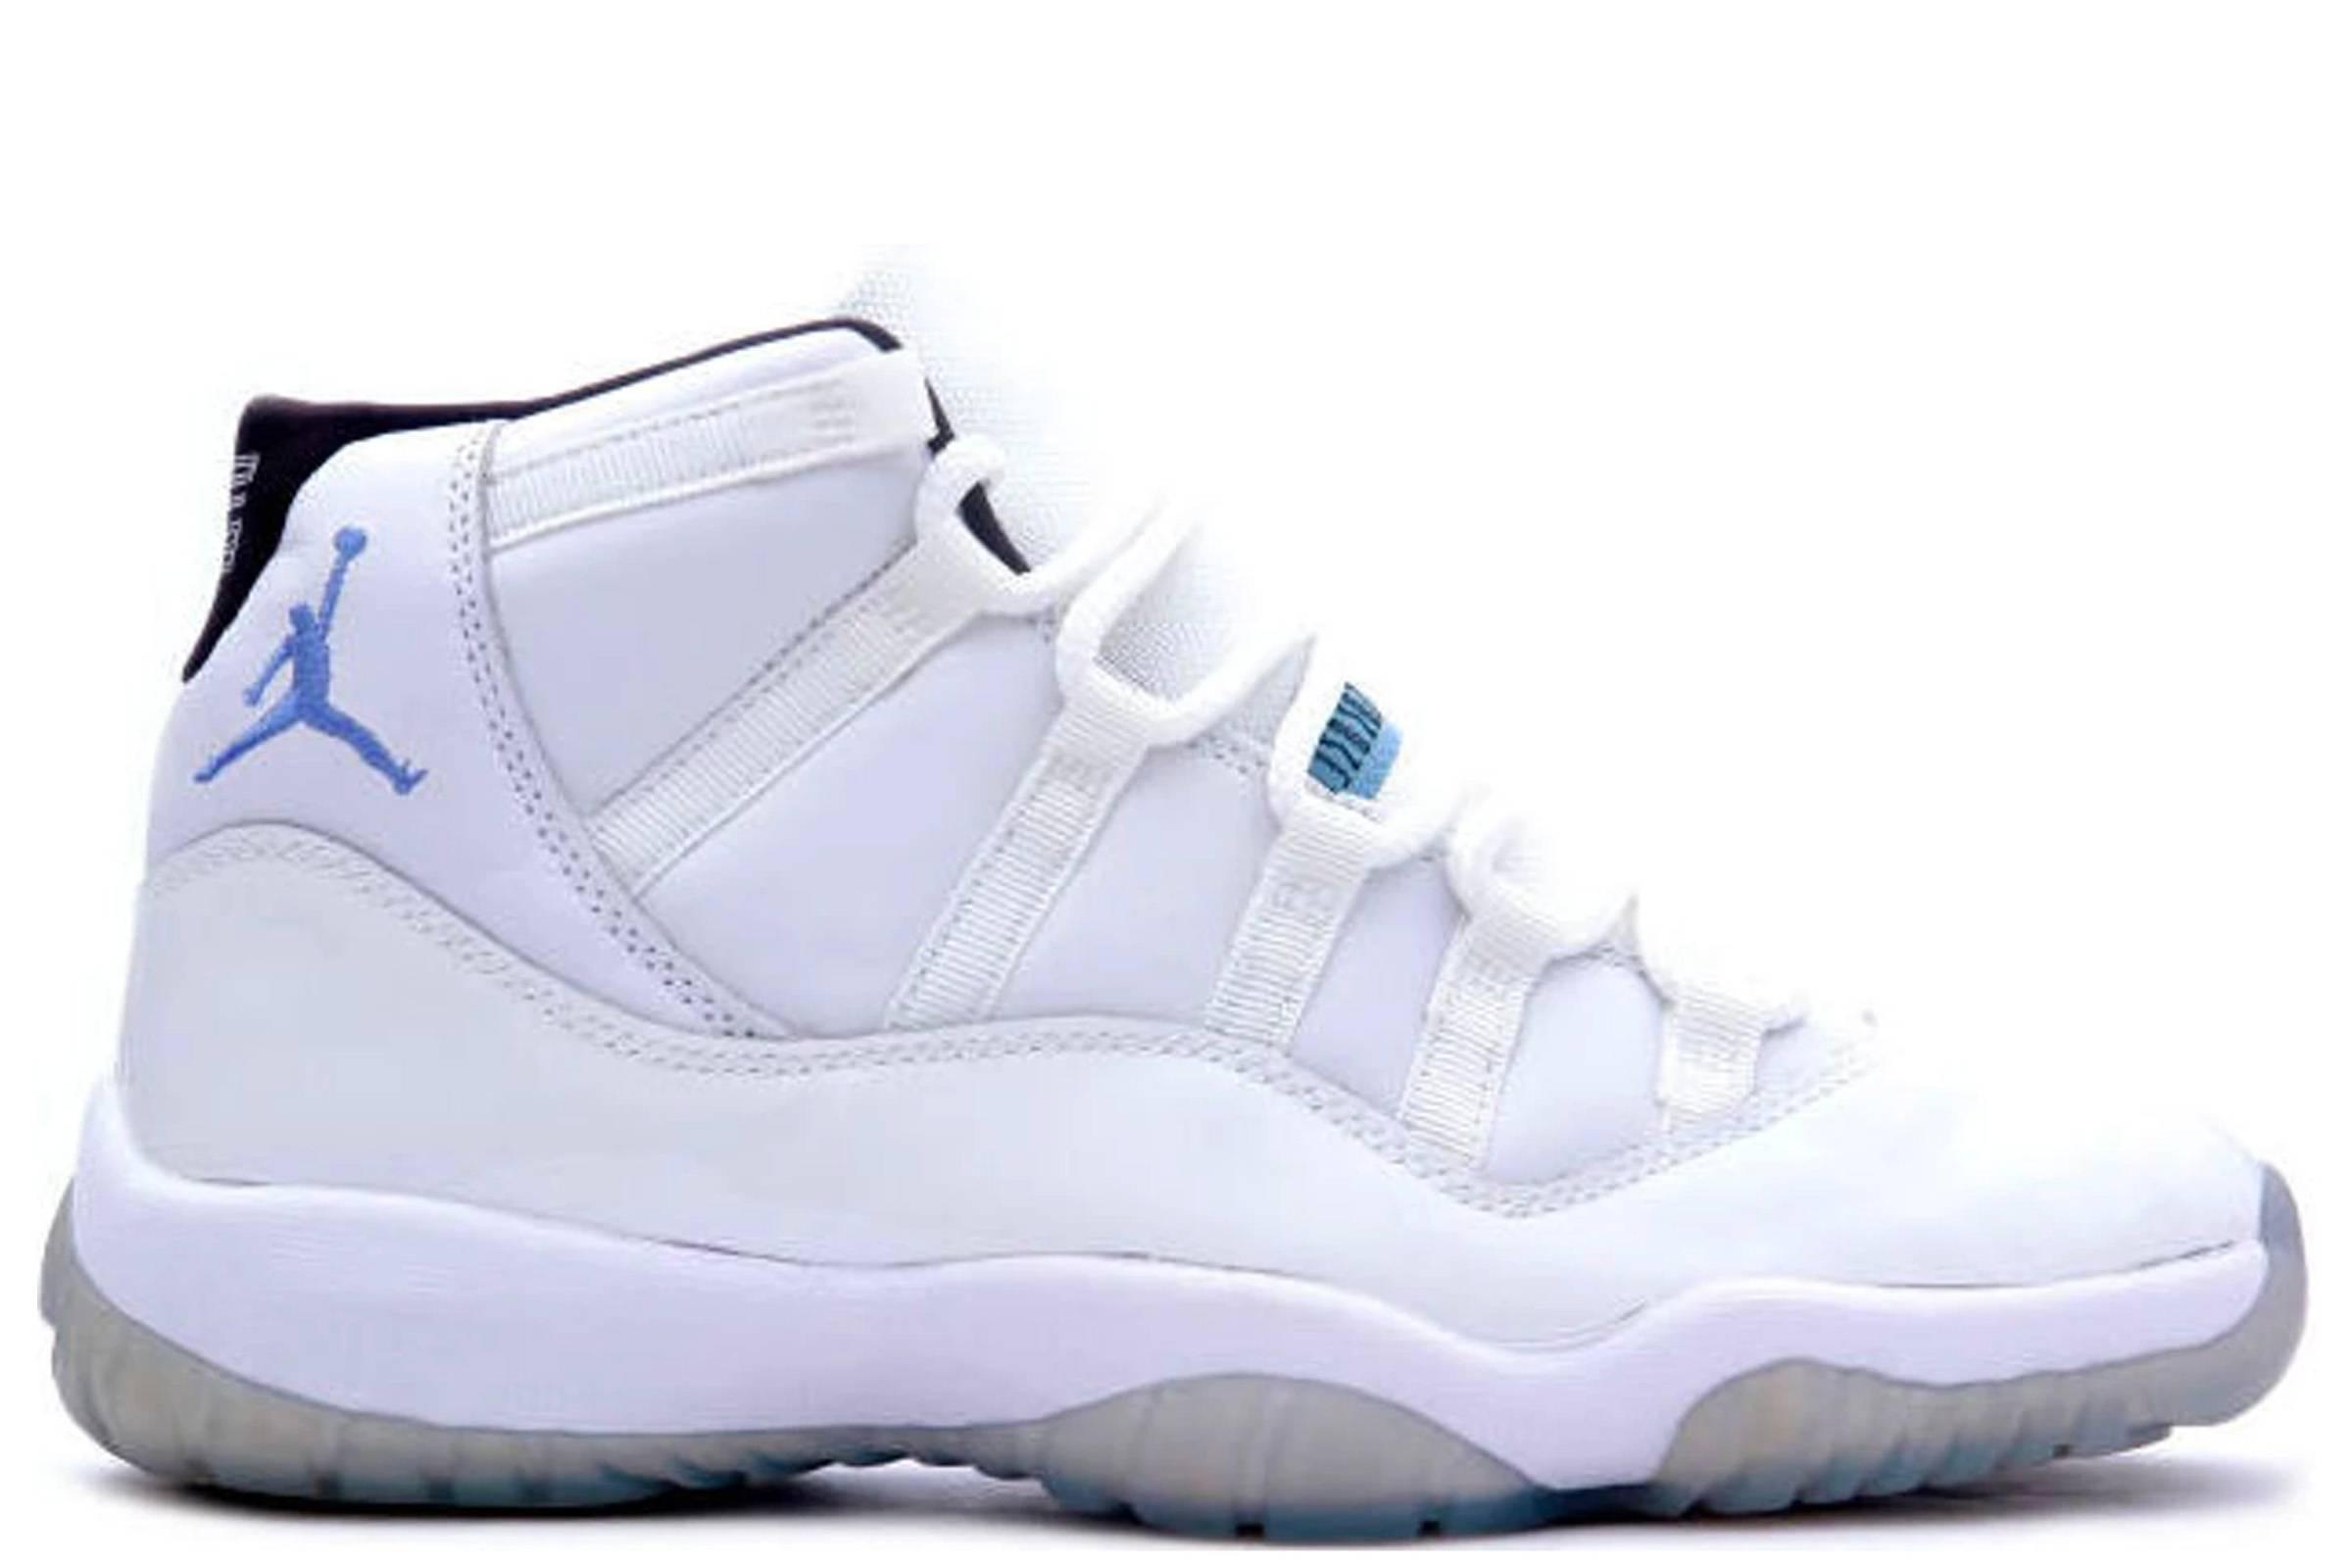 """Jordan XI """"Columbia"""" OG (1996)"""